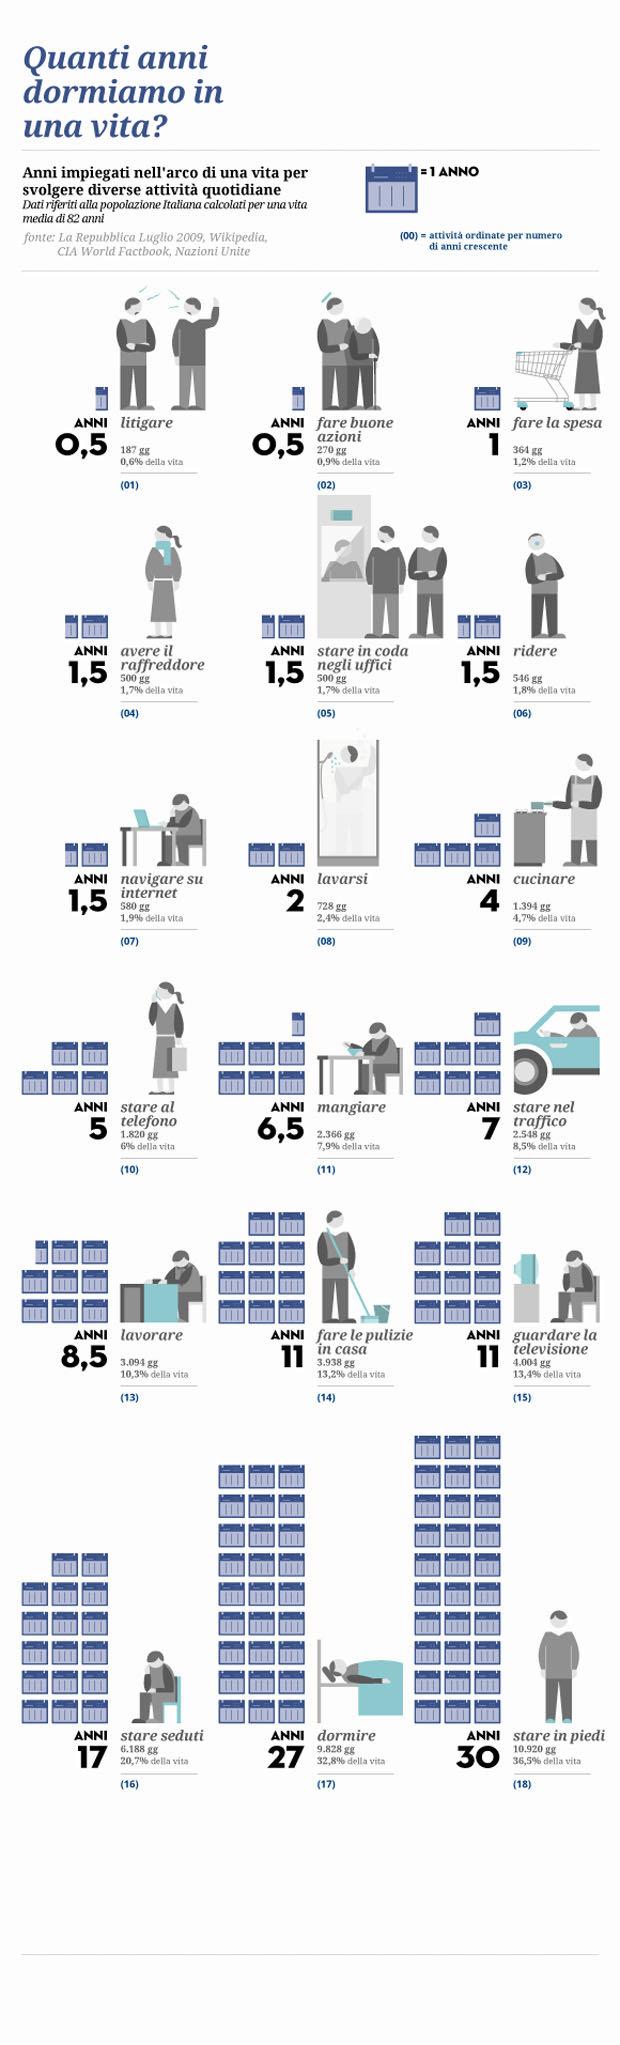 Quanti anni dormiamo in una vita - infographic